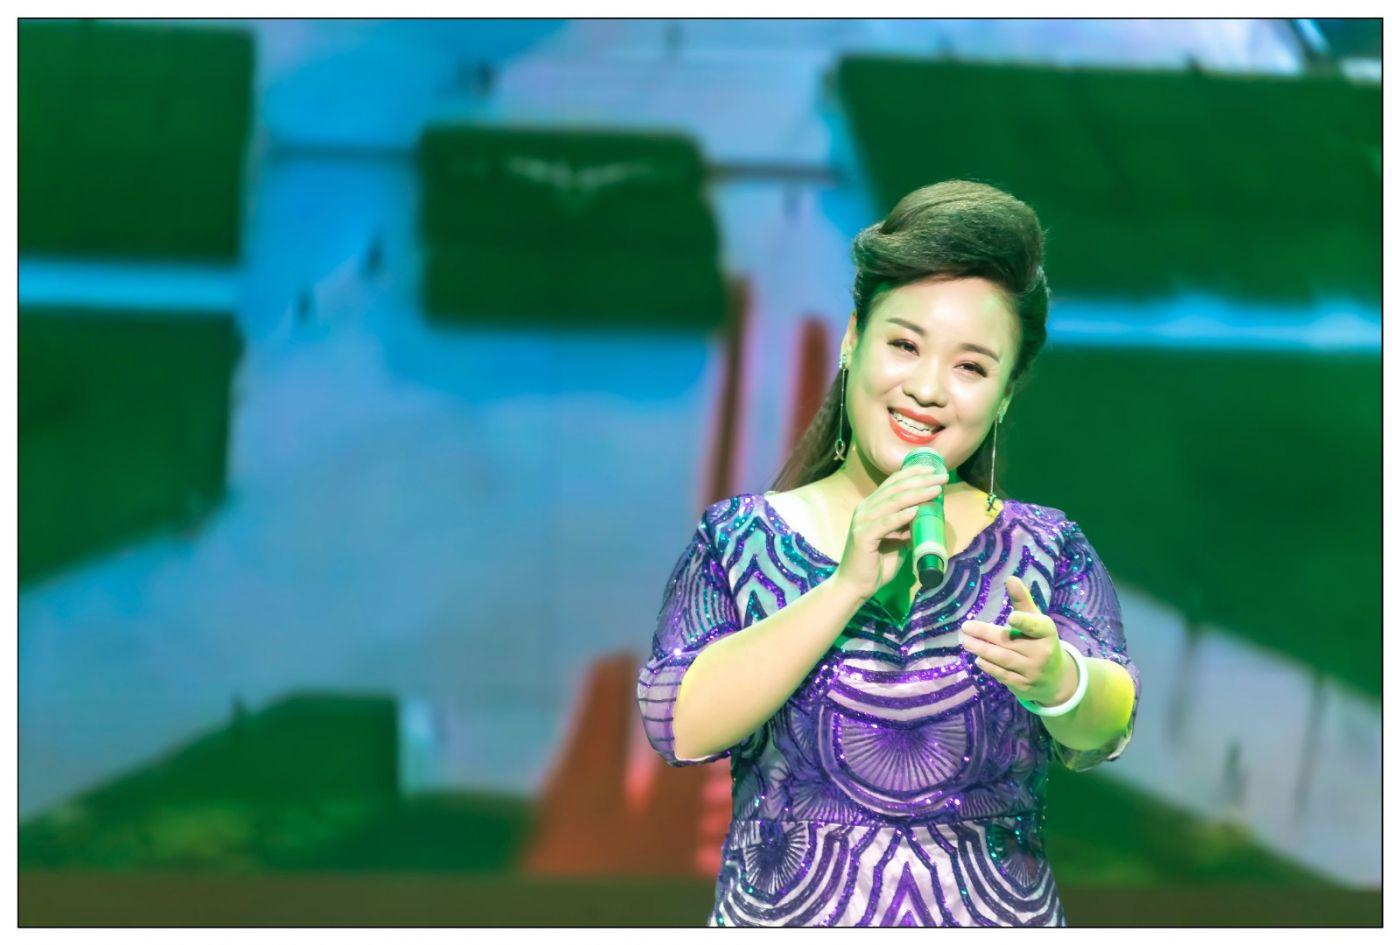 临沂姑娘杨妮妮曾感动春晚总动员 今晚在临沂电视台大放异彩 ..._图1-2